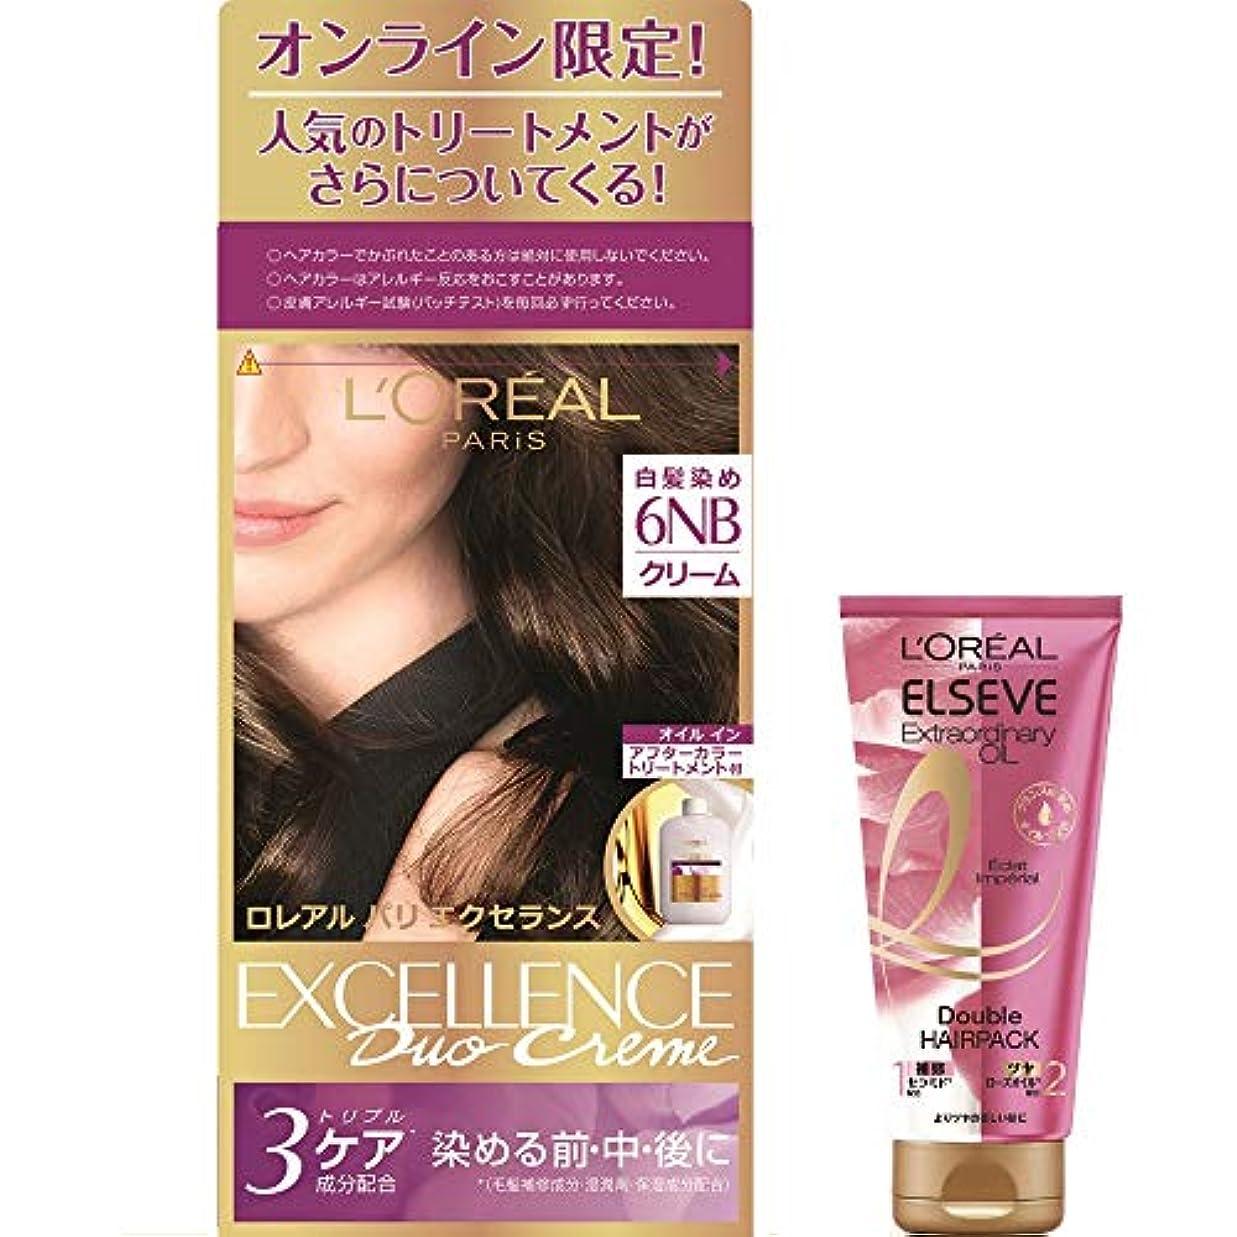 利用可能安いです酸化する【オンライン限定】ロレアル パリ ヘアカラー 白髪染め エクセランス N クリームタイプ 6NB やや明るい自然な栗色 (ダブルヘアパックミニ付)